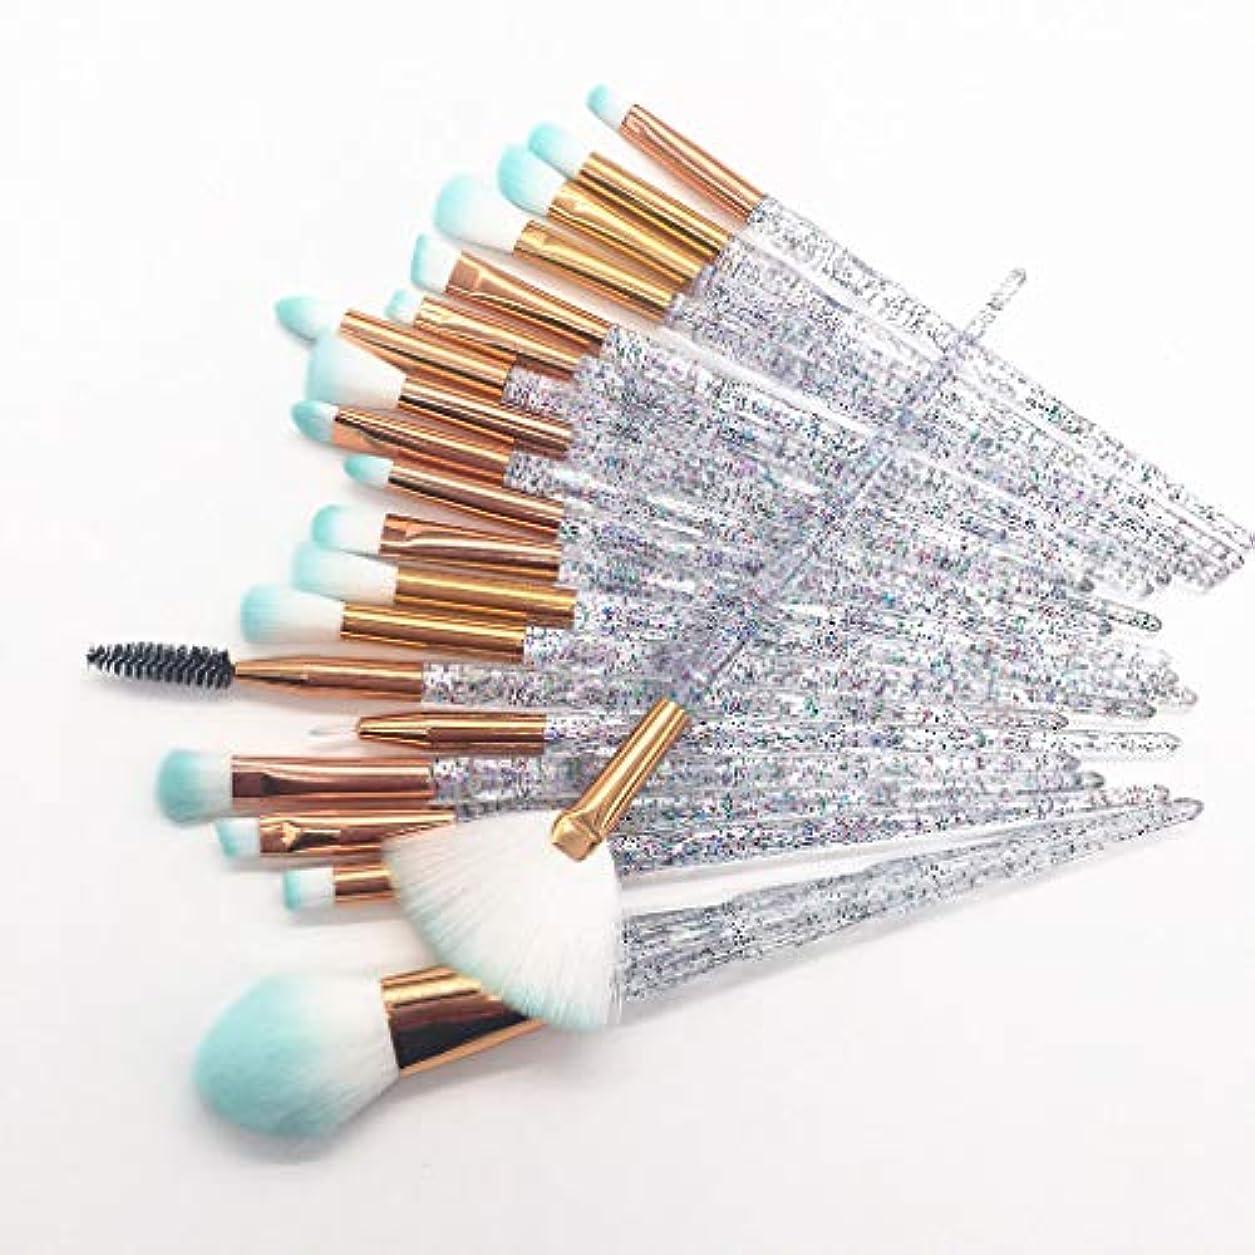 委員会本質的ではないおめでとう20化粧筆ビギナービューティーキット